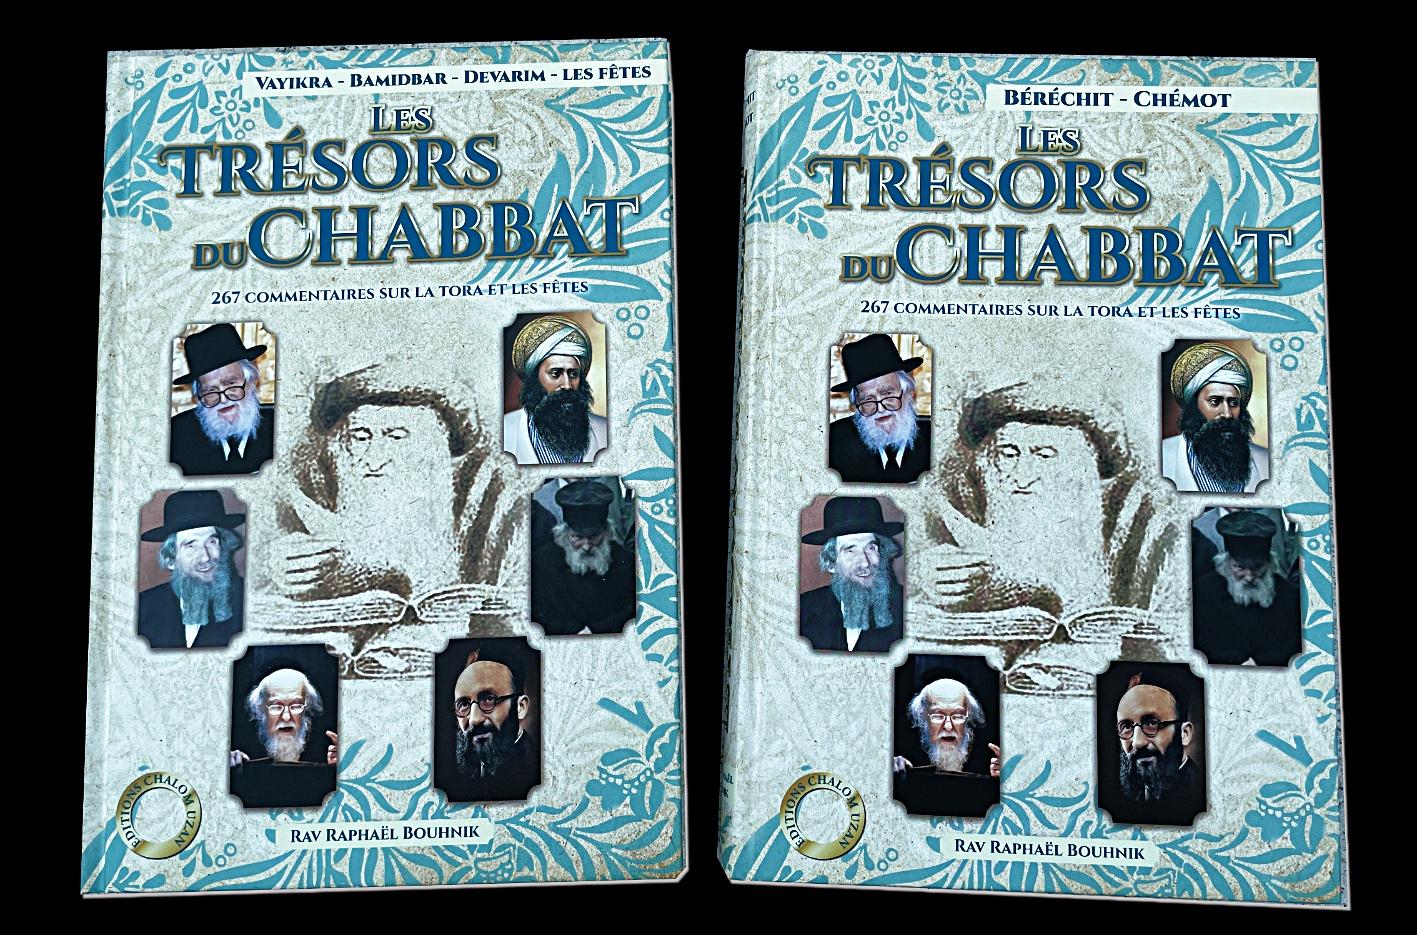 Les trésors du Chabbat recto